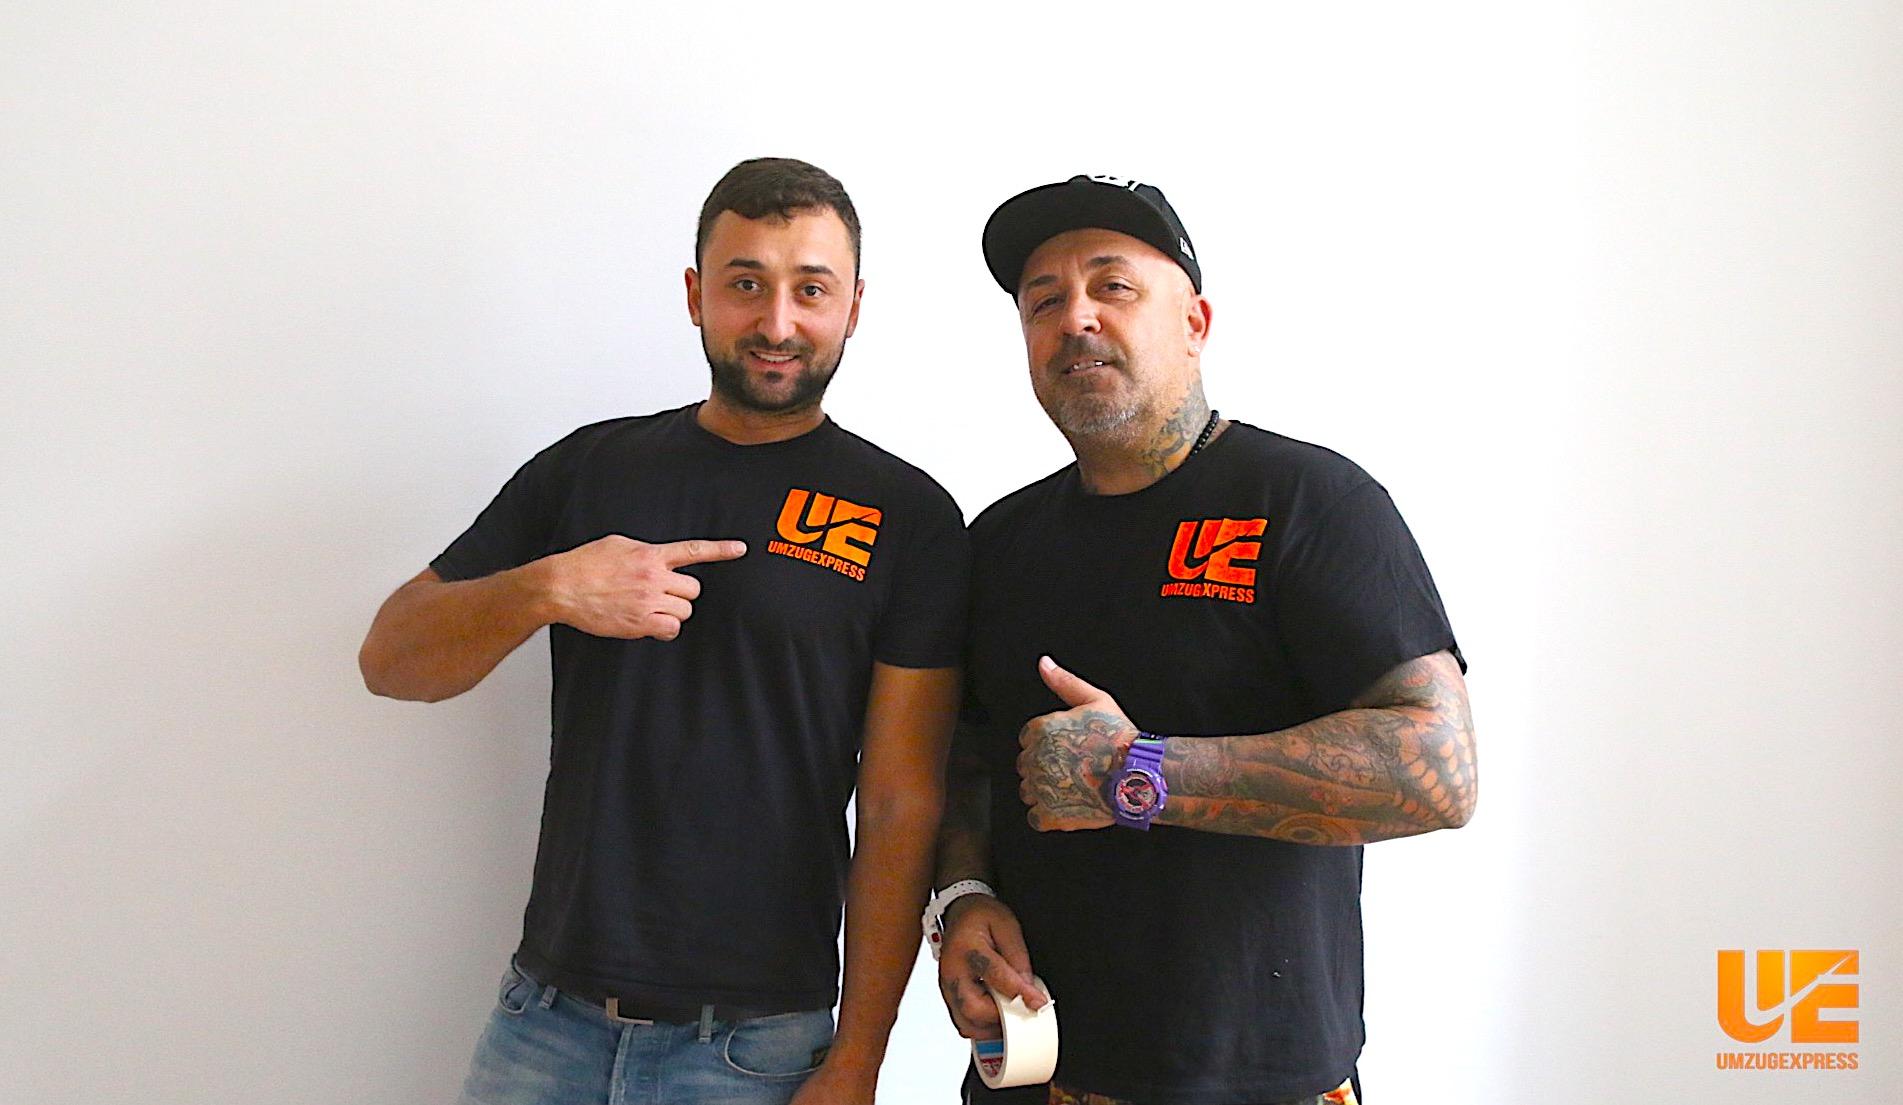 Umzugsexpress - Vanko und Bruno